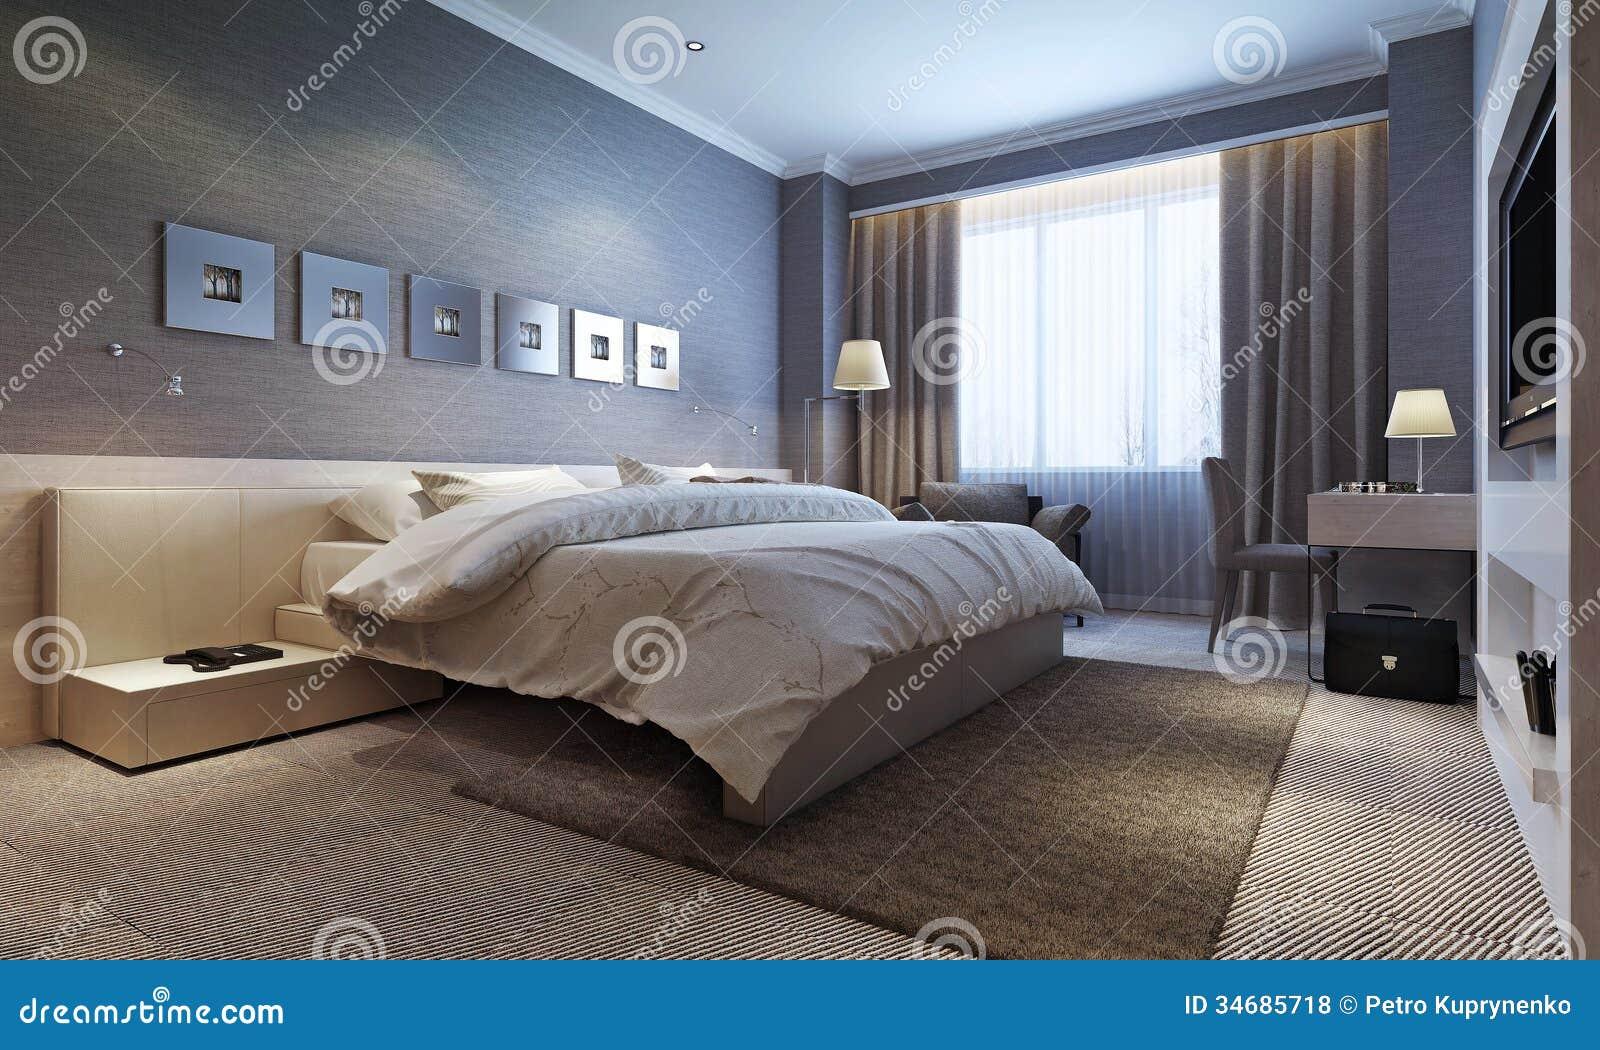 Cuartos de invitados interiores modernos fotos de archivo for Interiores de dormitorios